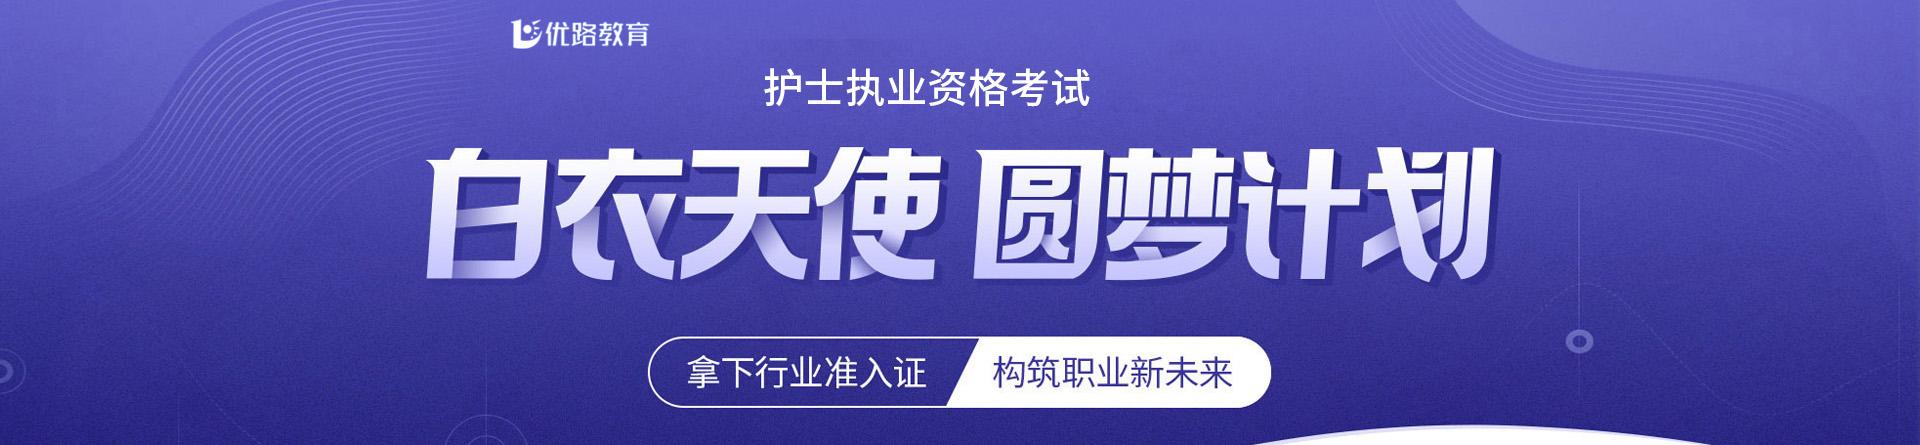 河北沧州优路教育培训学校